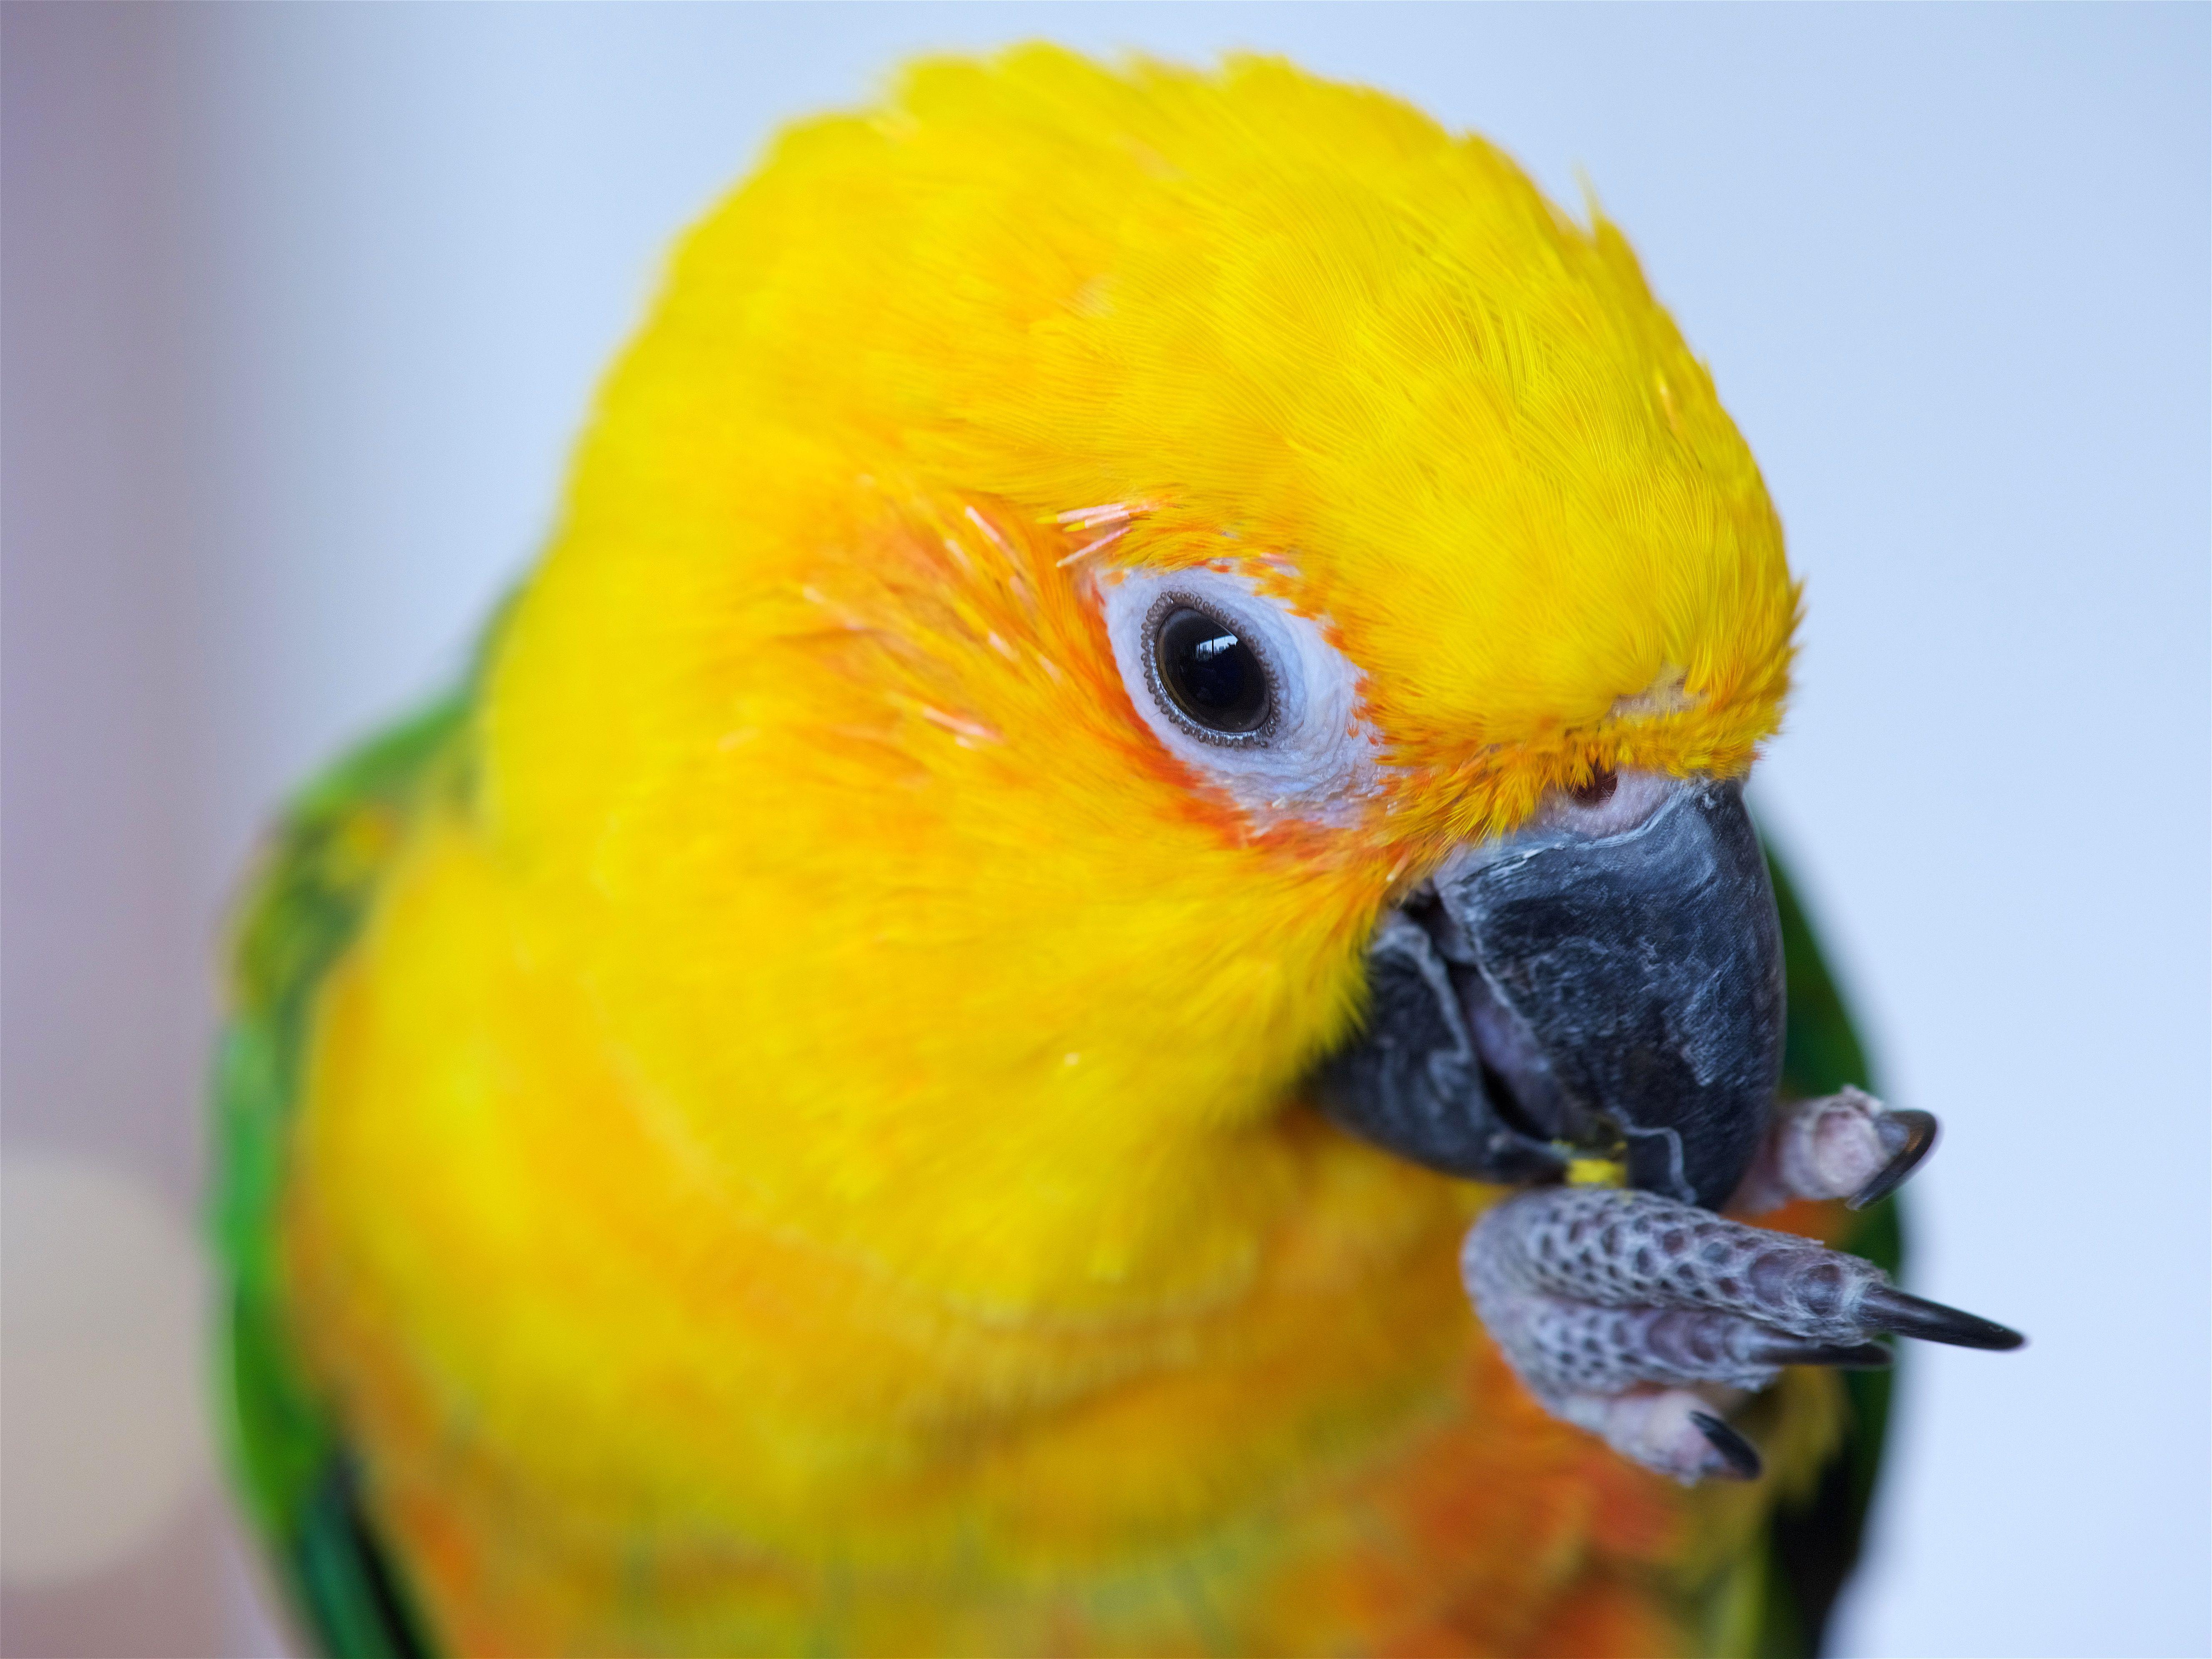 Close up of a pet parakeet